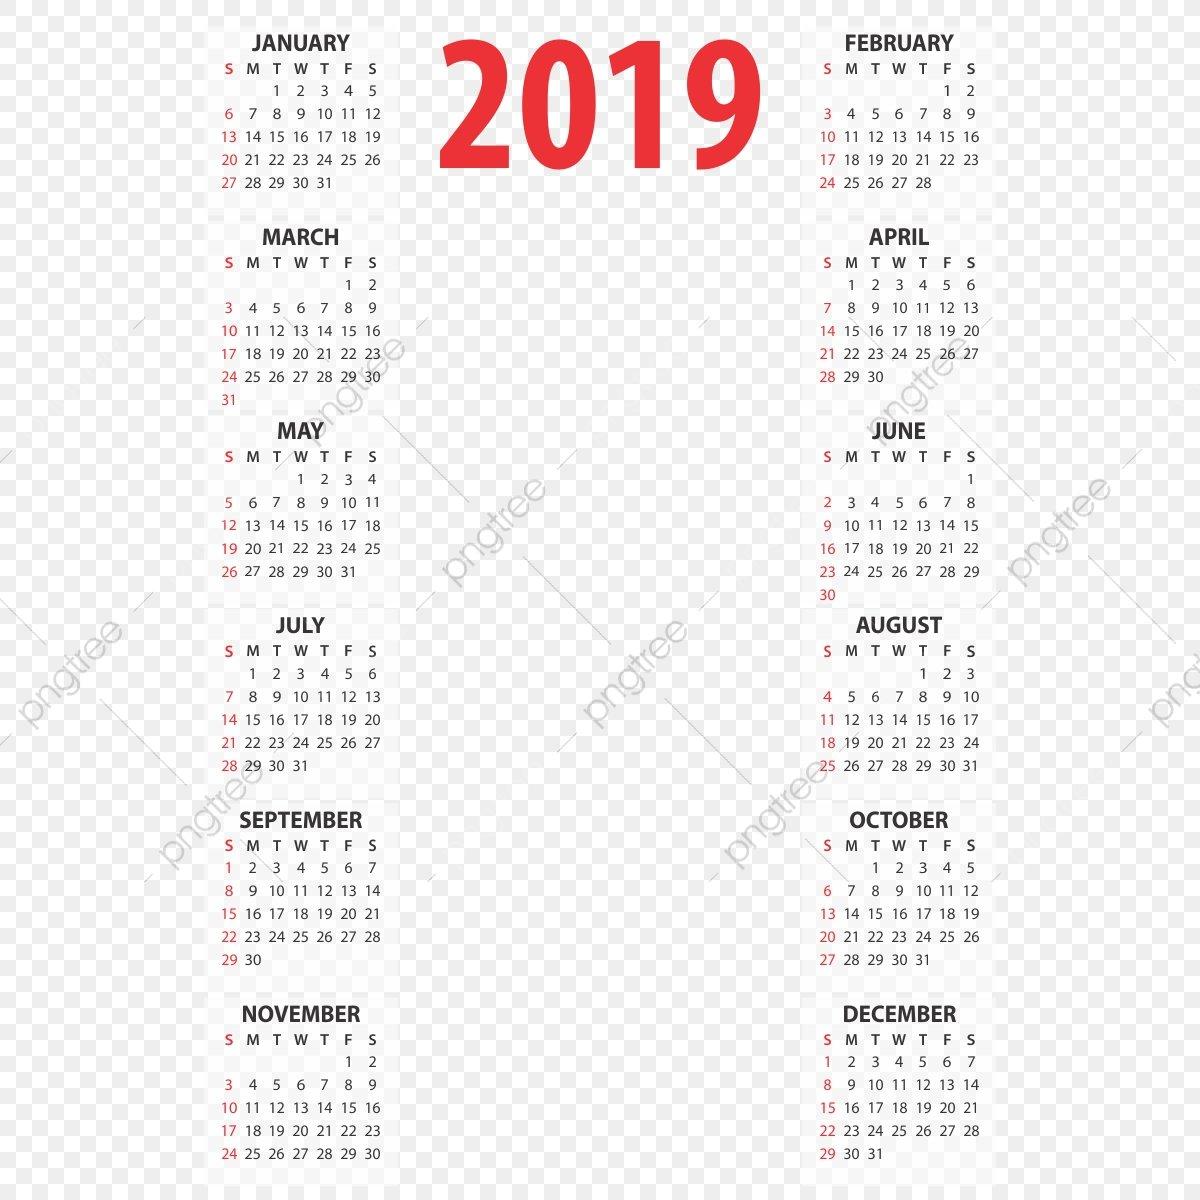 Редактируемый Календарь 2019 Года 2019 Года Календарь Png Png Washu Calendar 2019